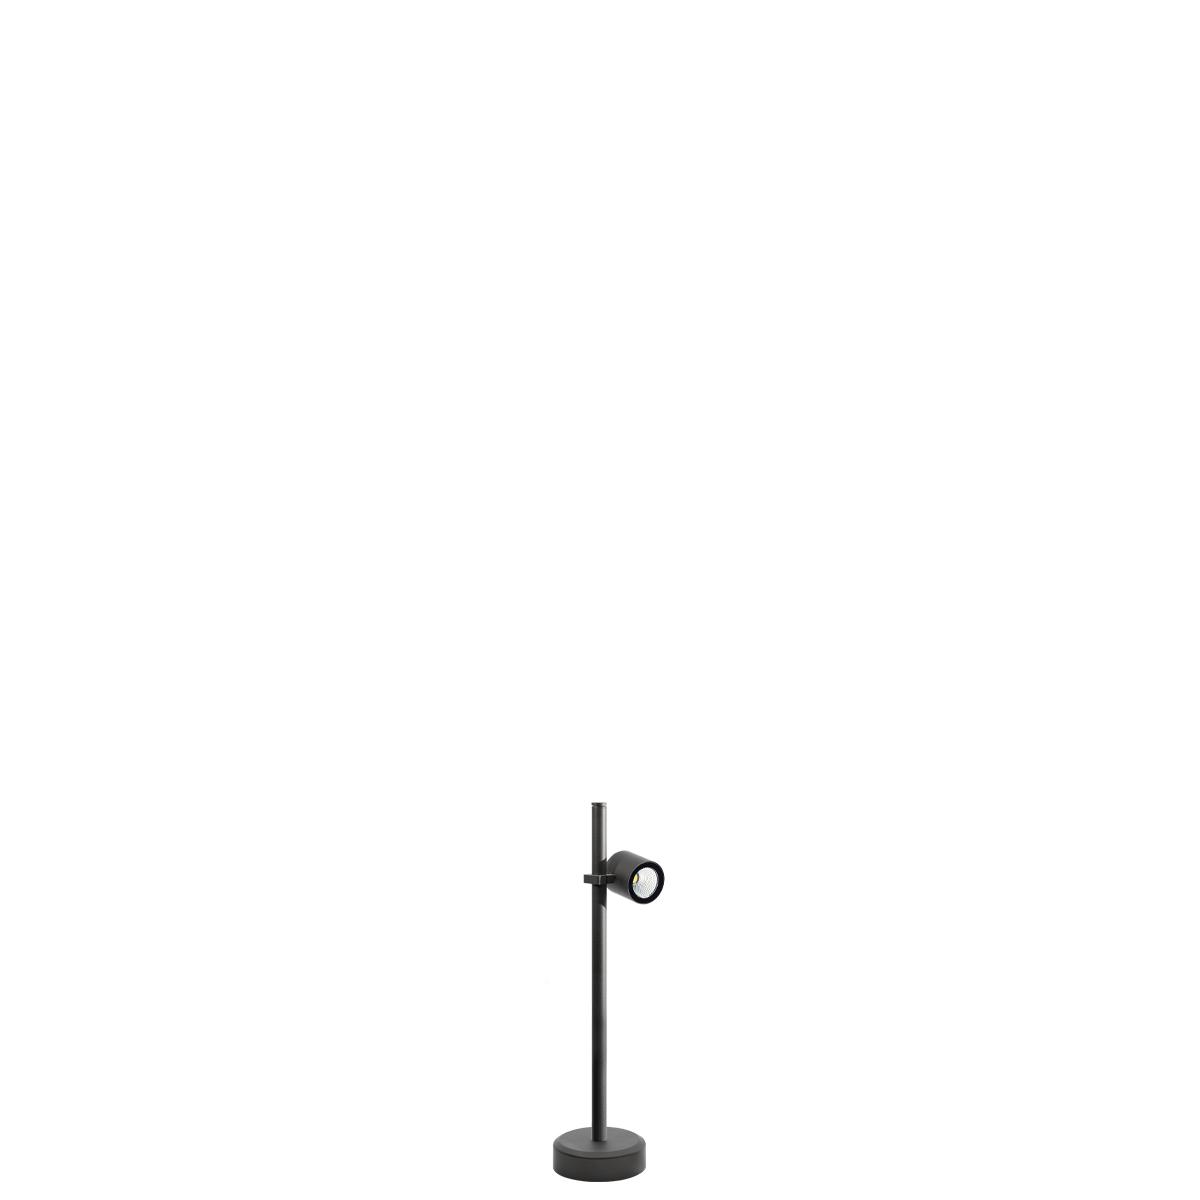 MaxiSegno P 1L 500